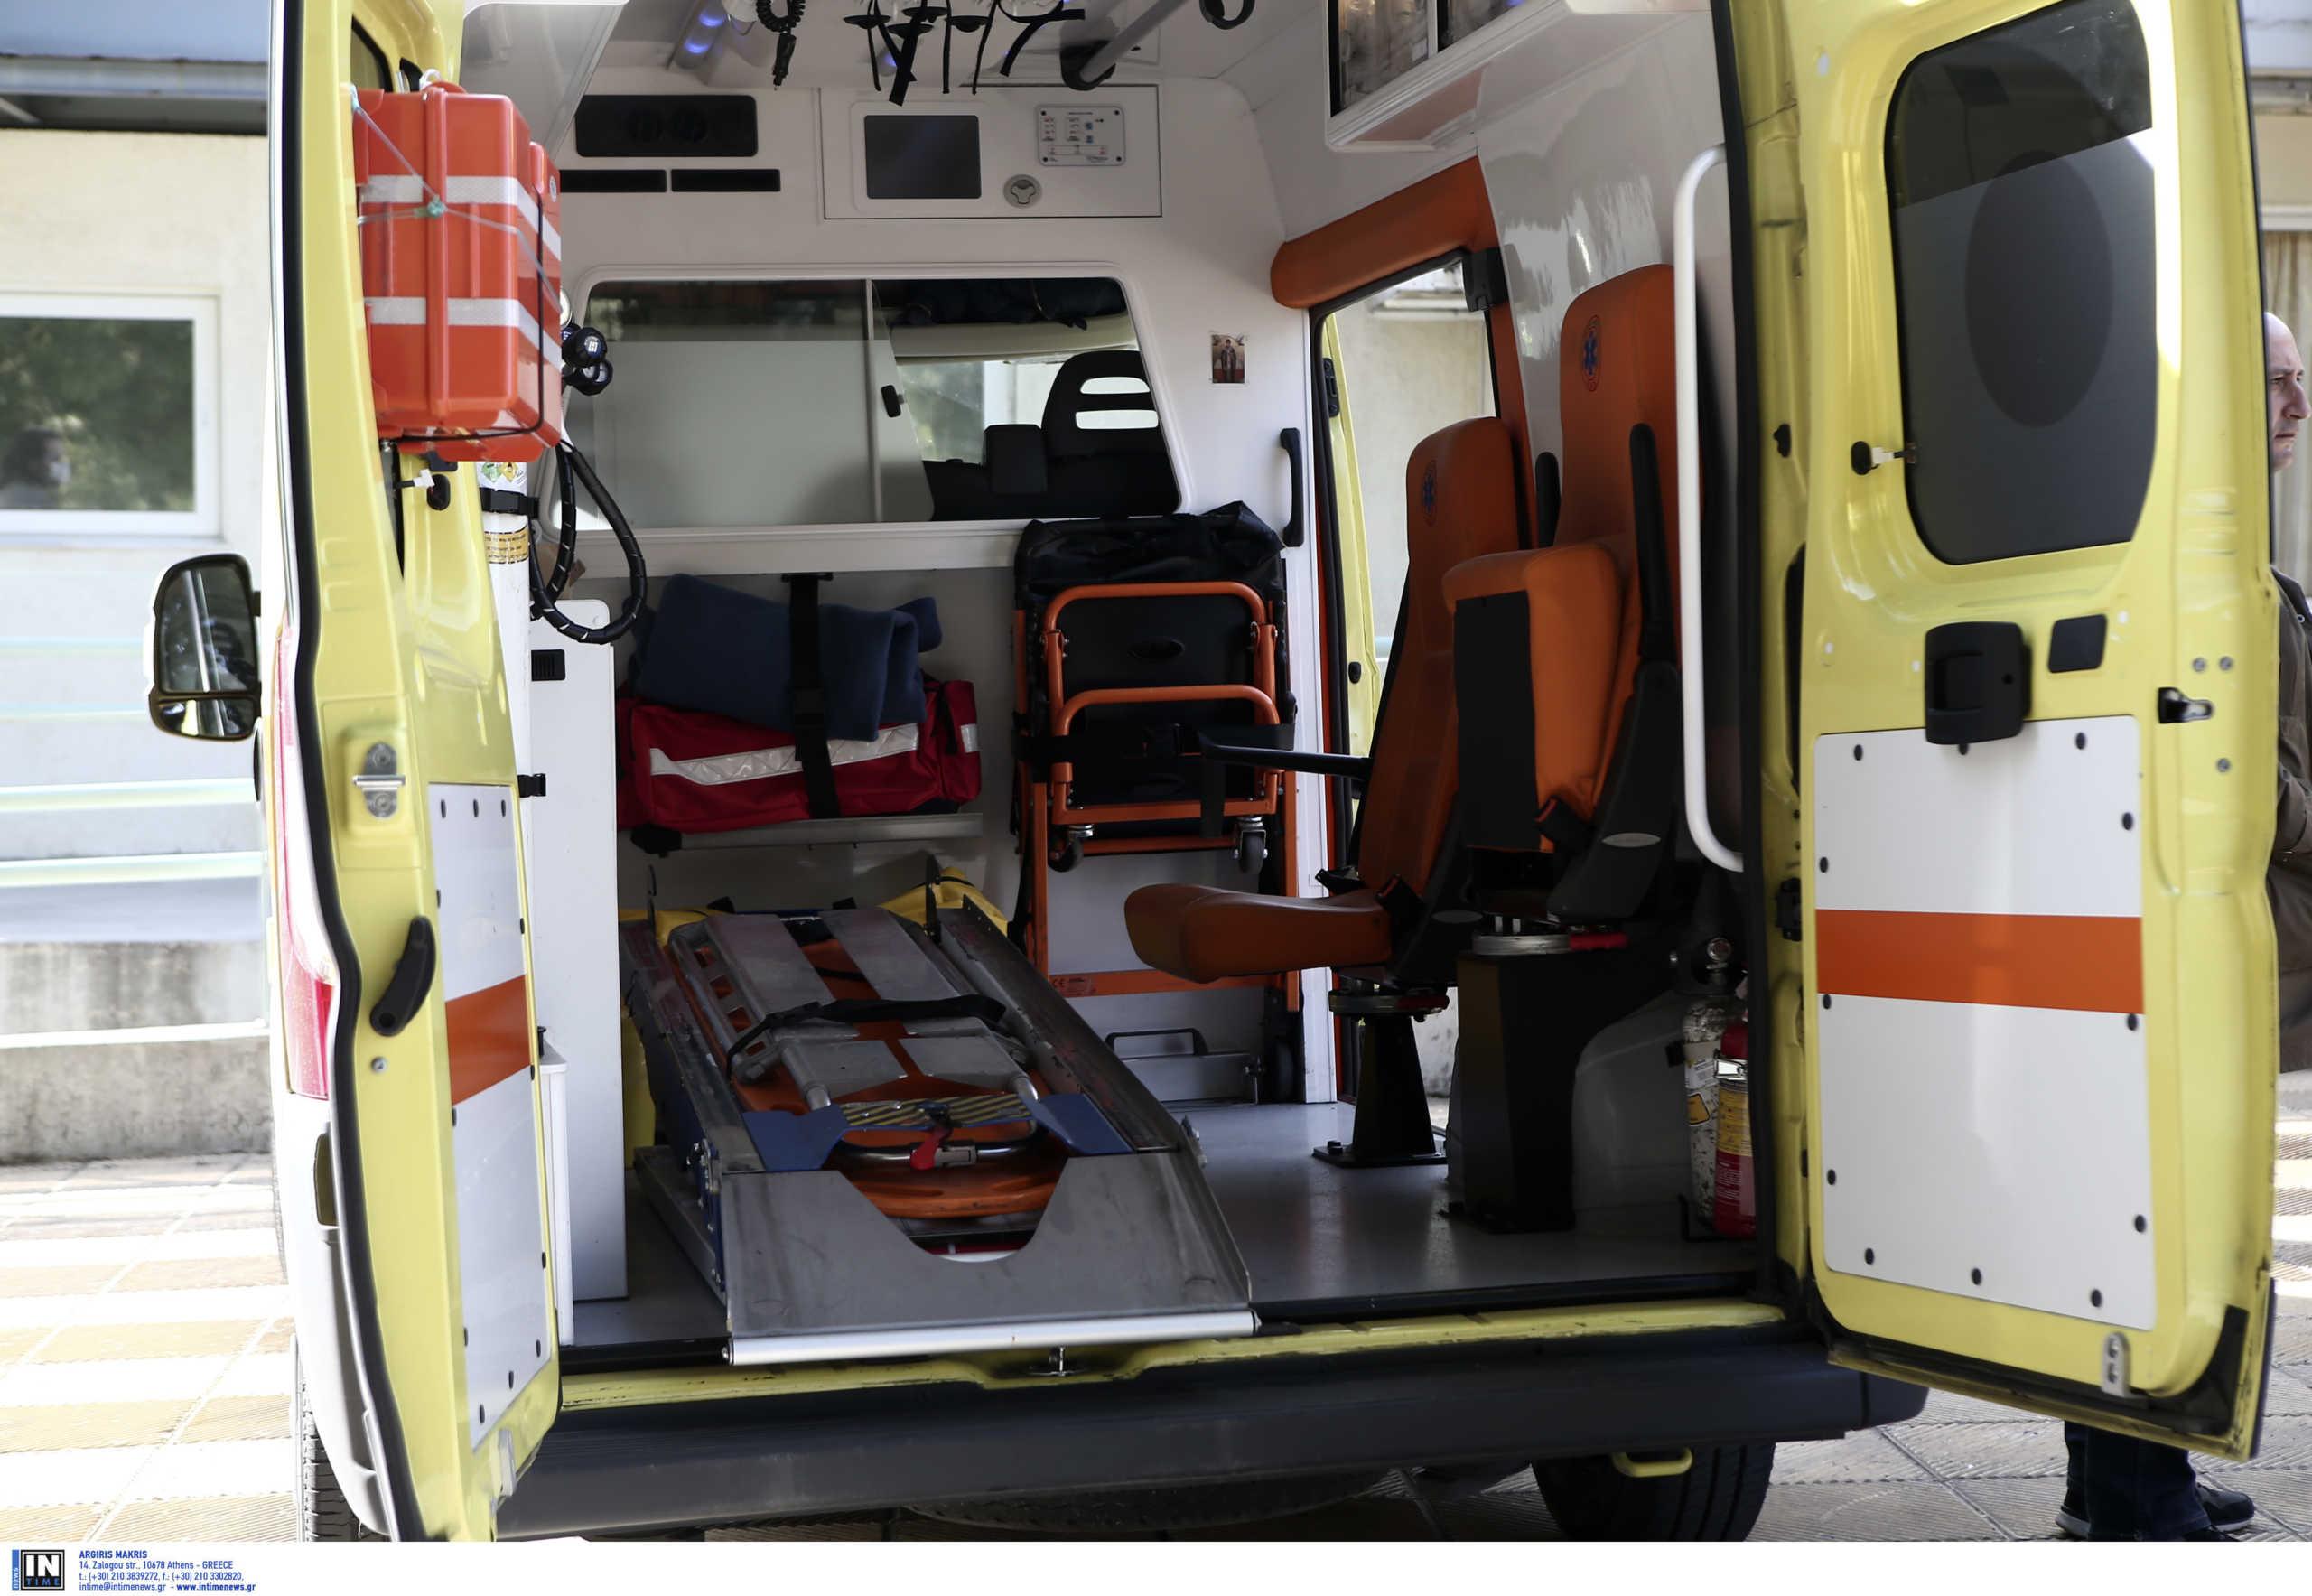 Πέλλα: Άγρια συμπλοκή με τρεις τραυματίες! Πλακώθηκαν με μαχαίρια και ξύλα μετά από έντονη λογομαχία